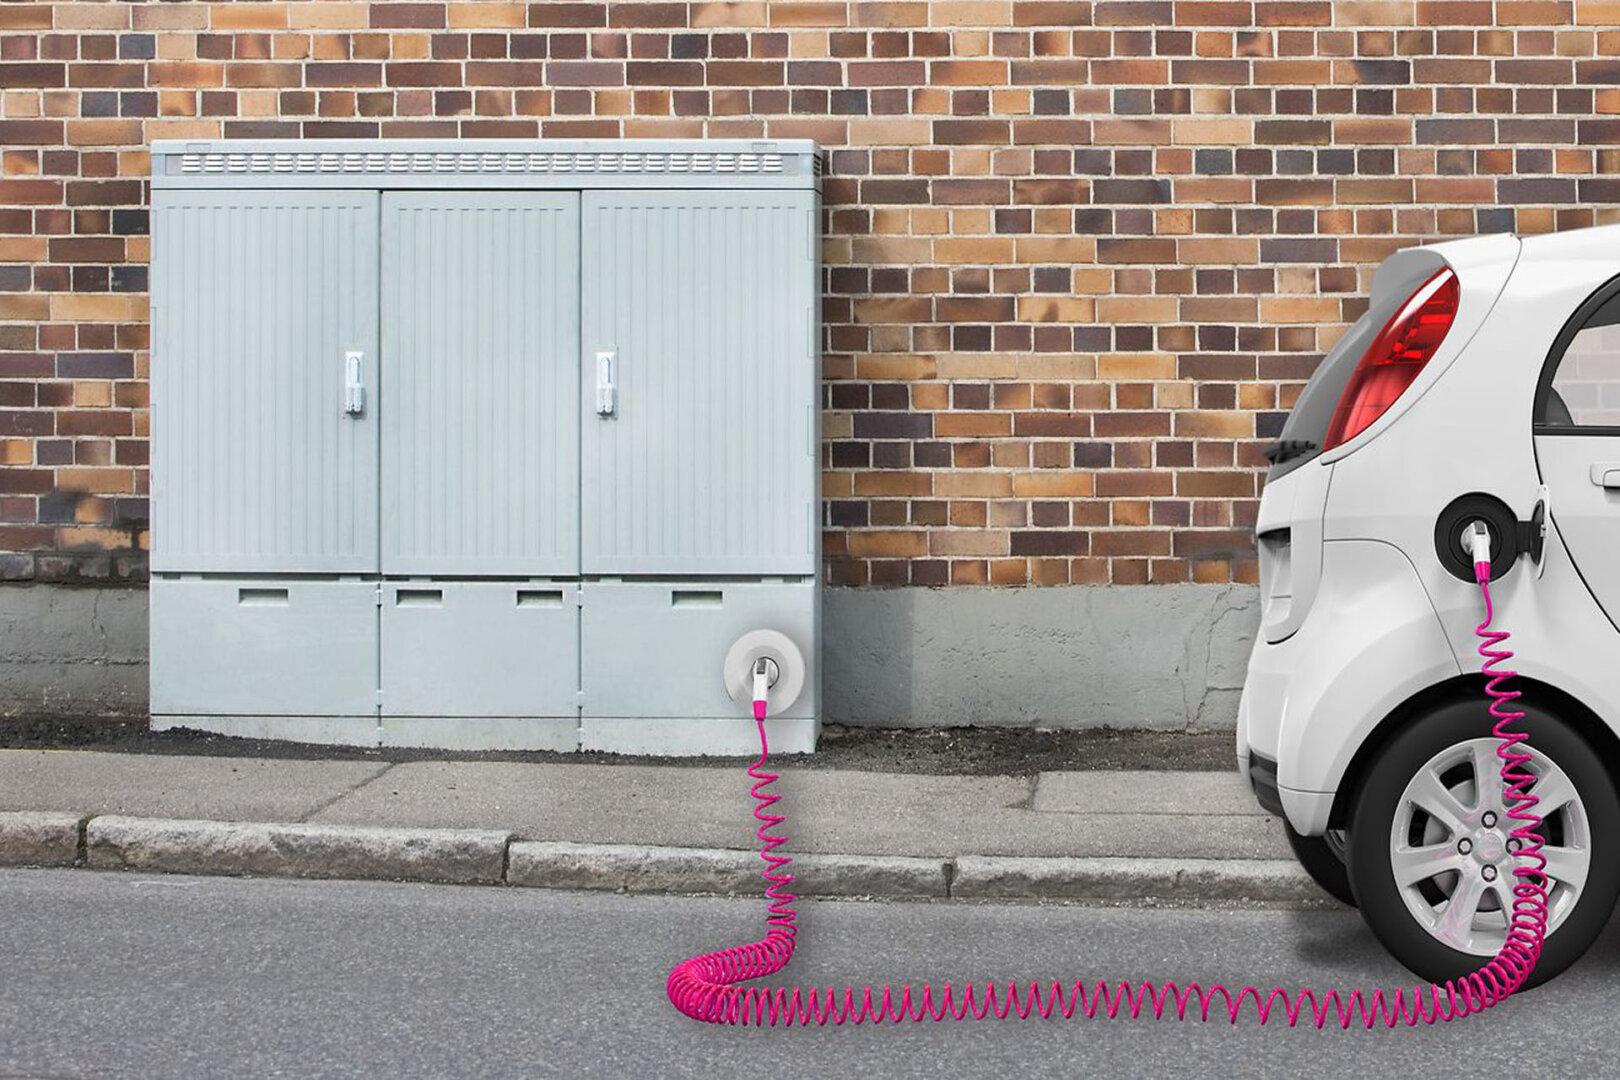 Elektroauto zum Laden an grauen Verteilerkasten angeschlossen.